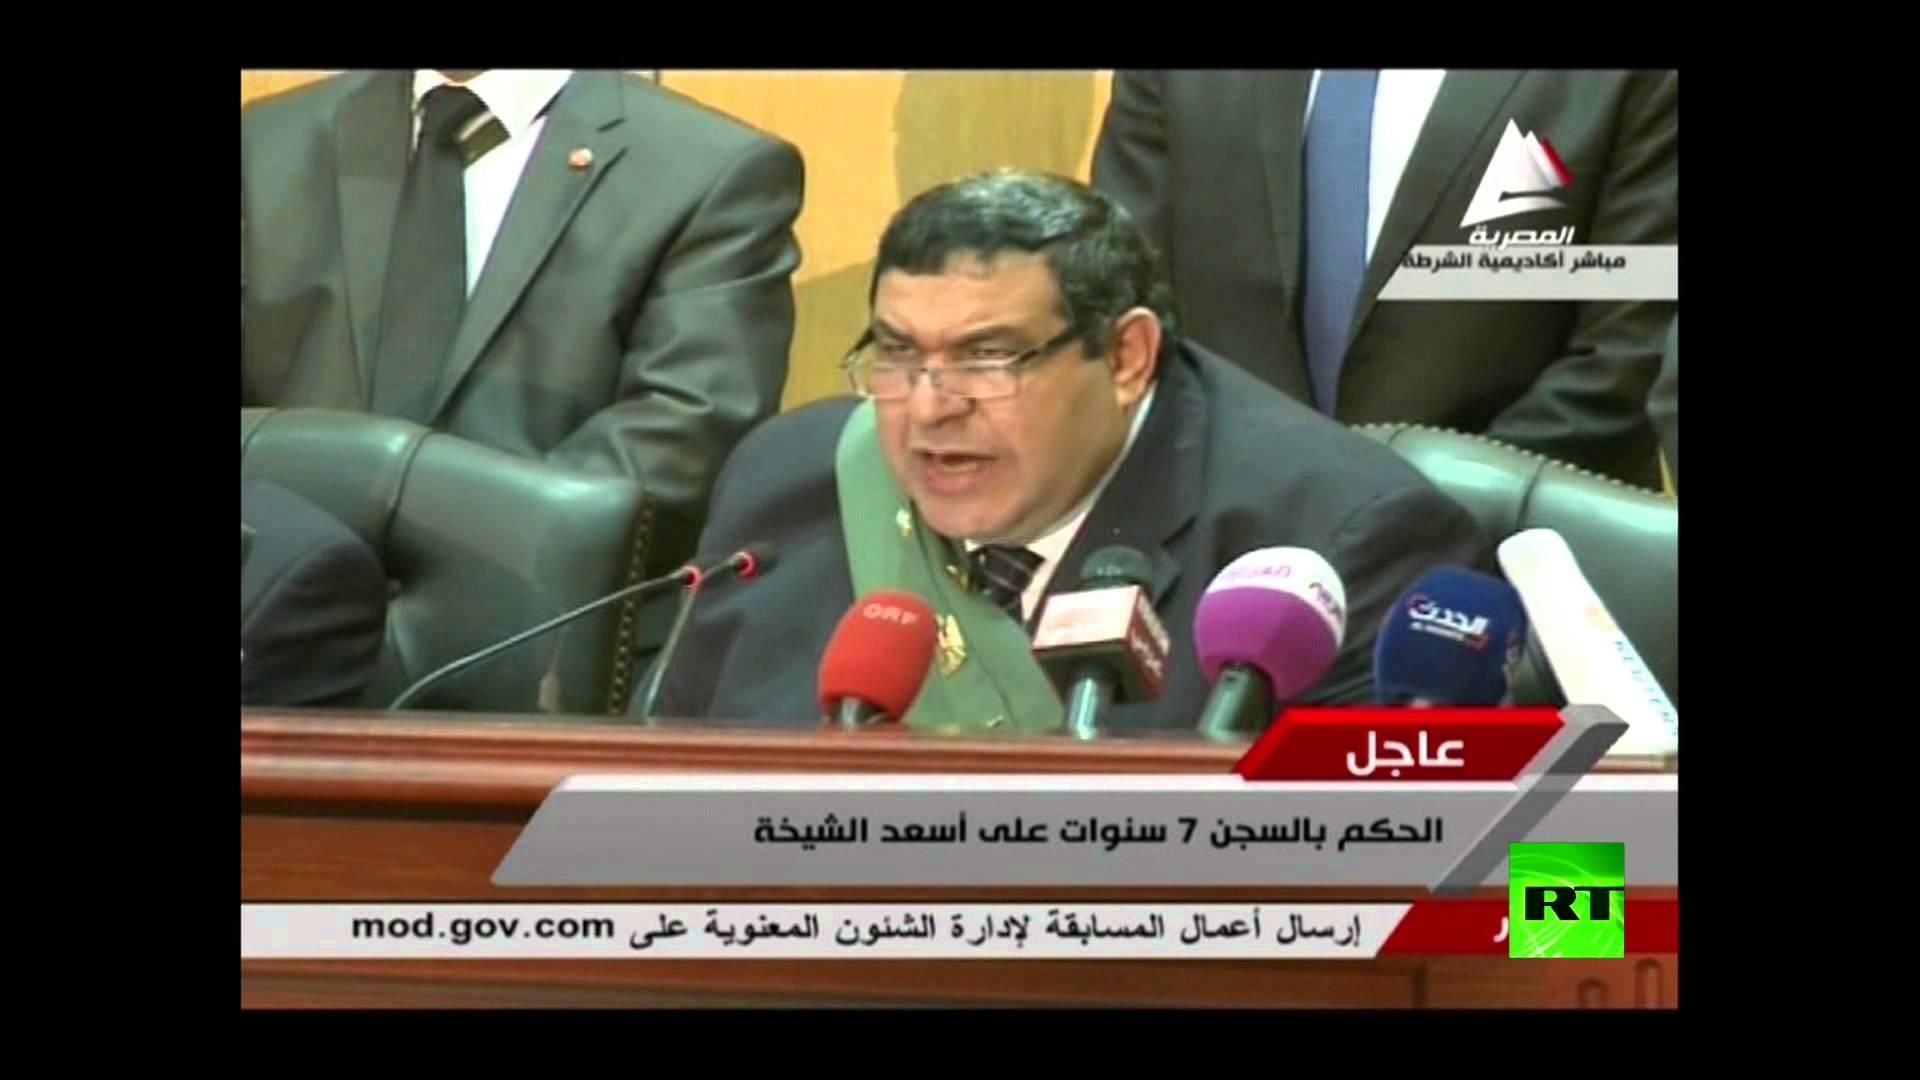 لحظة النطق بالحكم على محمد مرسي بالسجن المؤبد